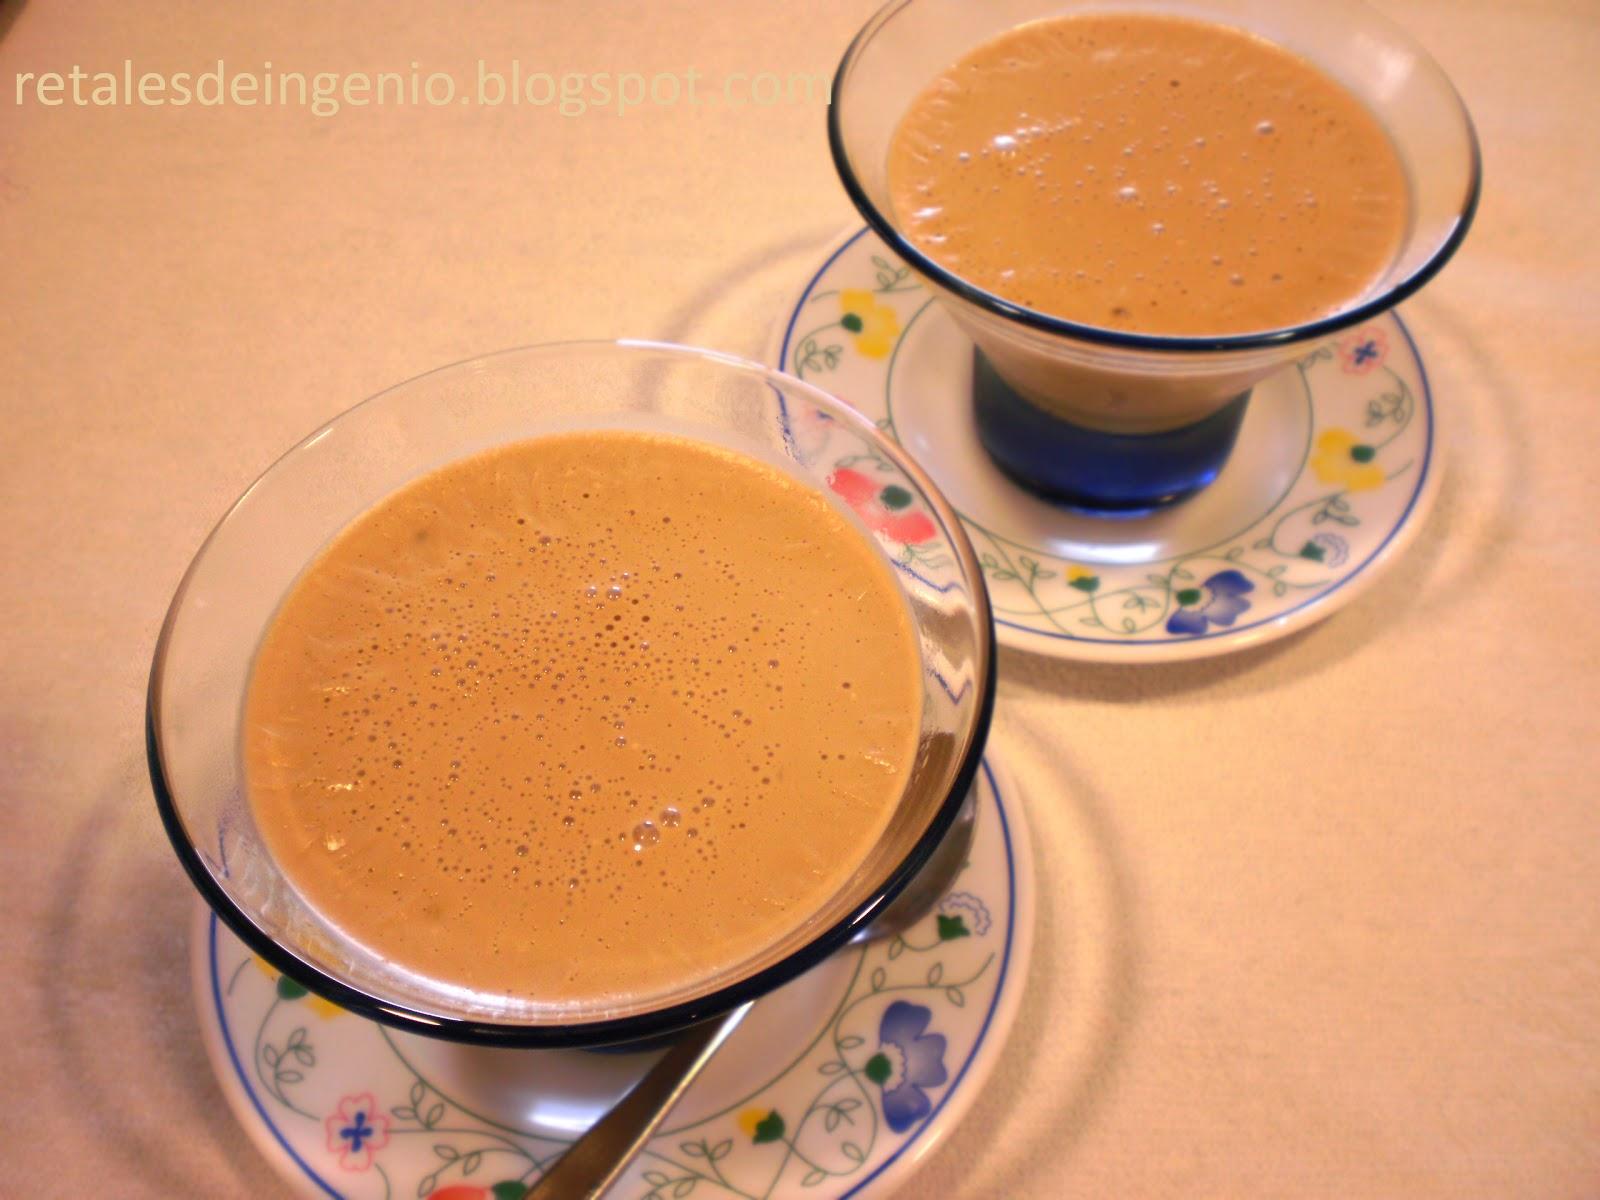 Retales de ingenio recetas y diet tica postre de caf - Postres con queso de untar ...